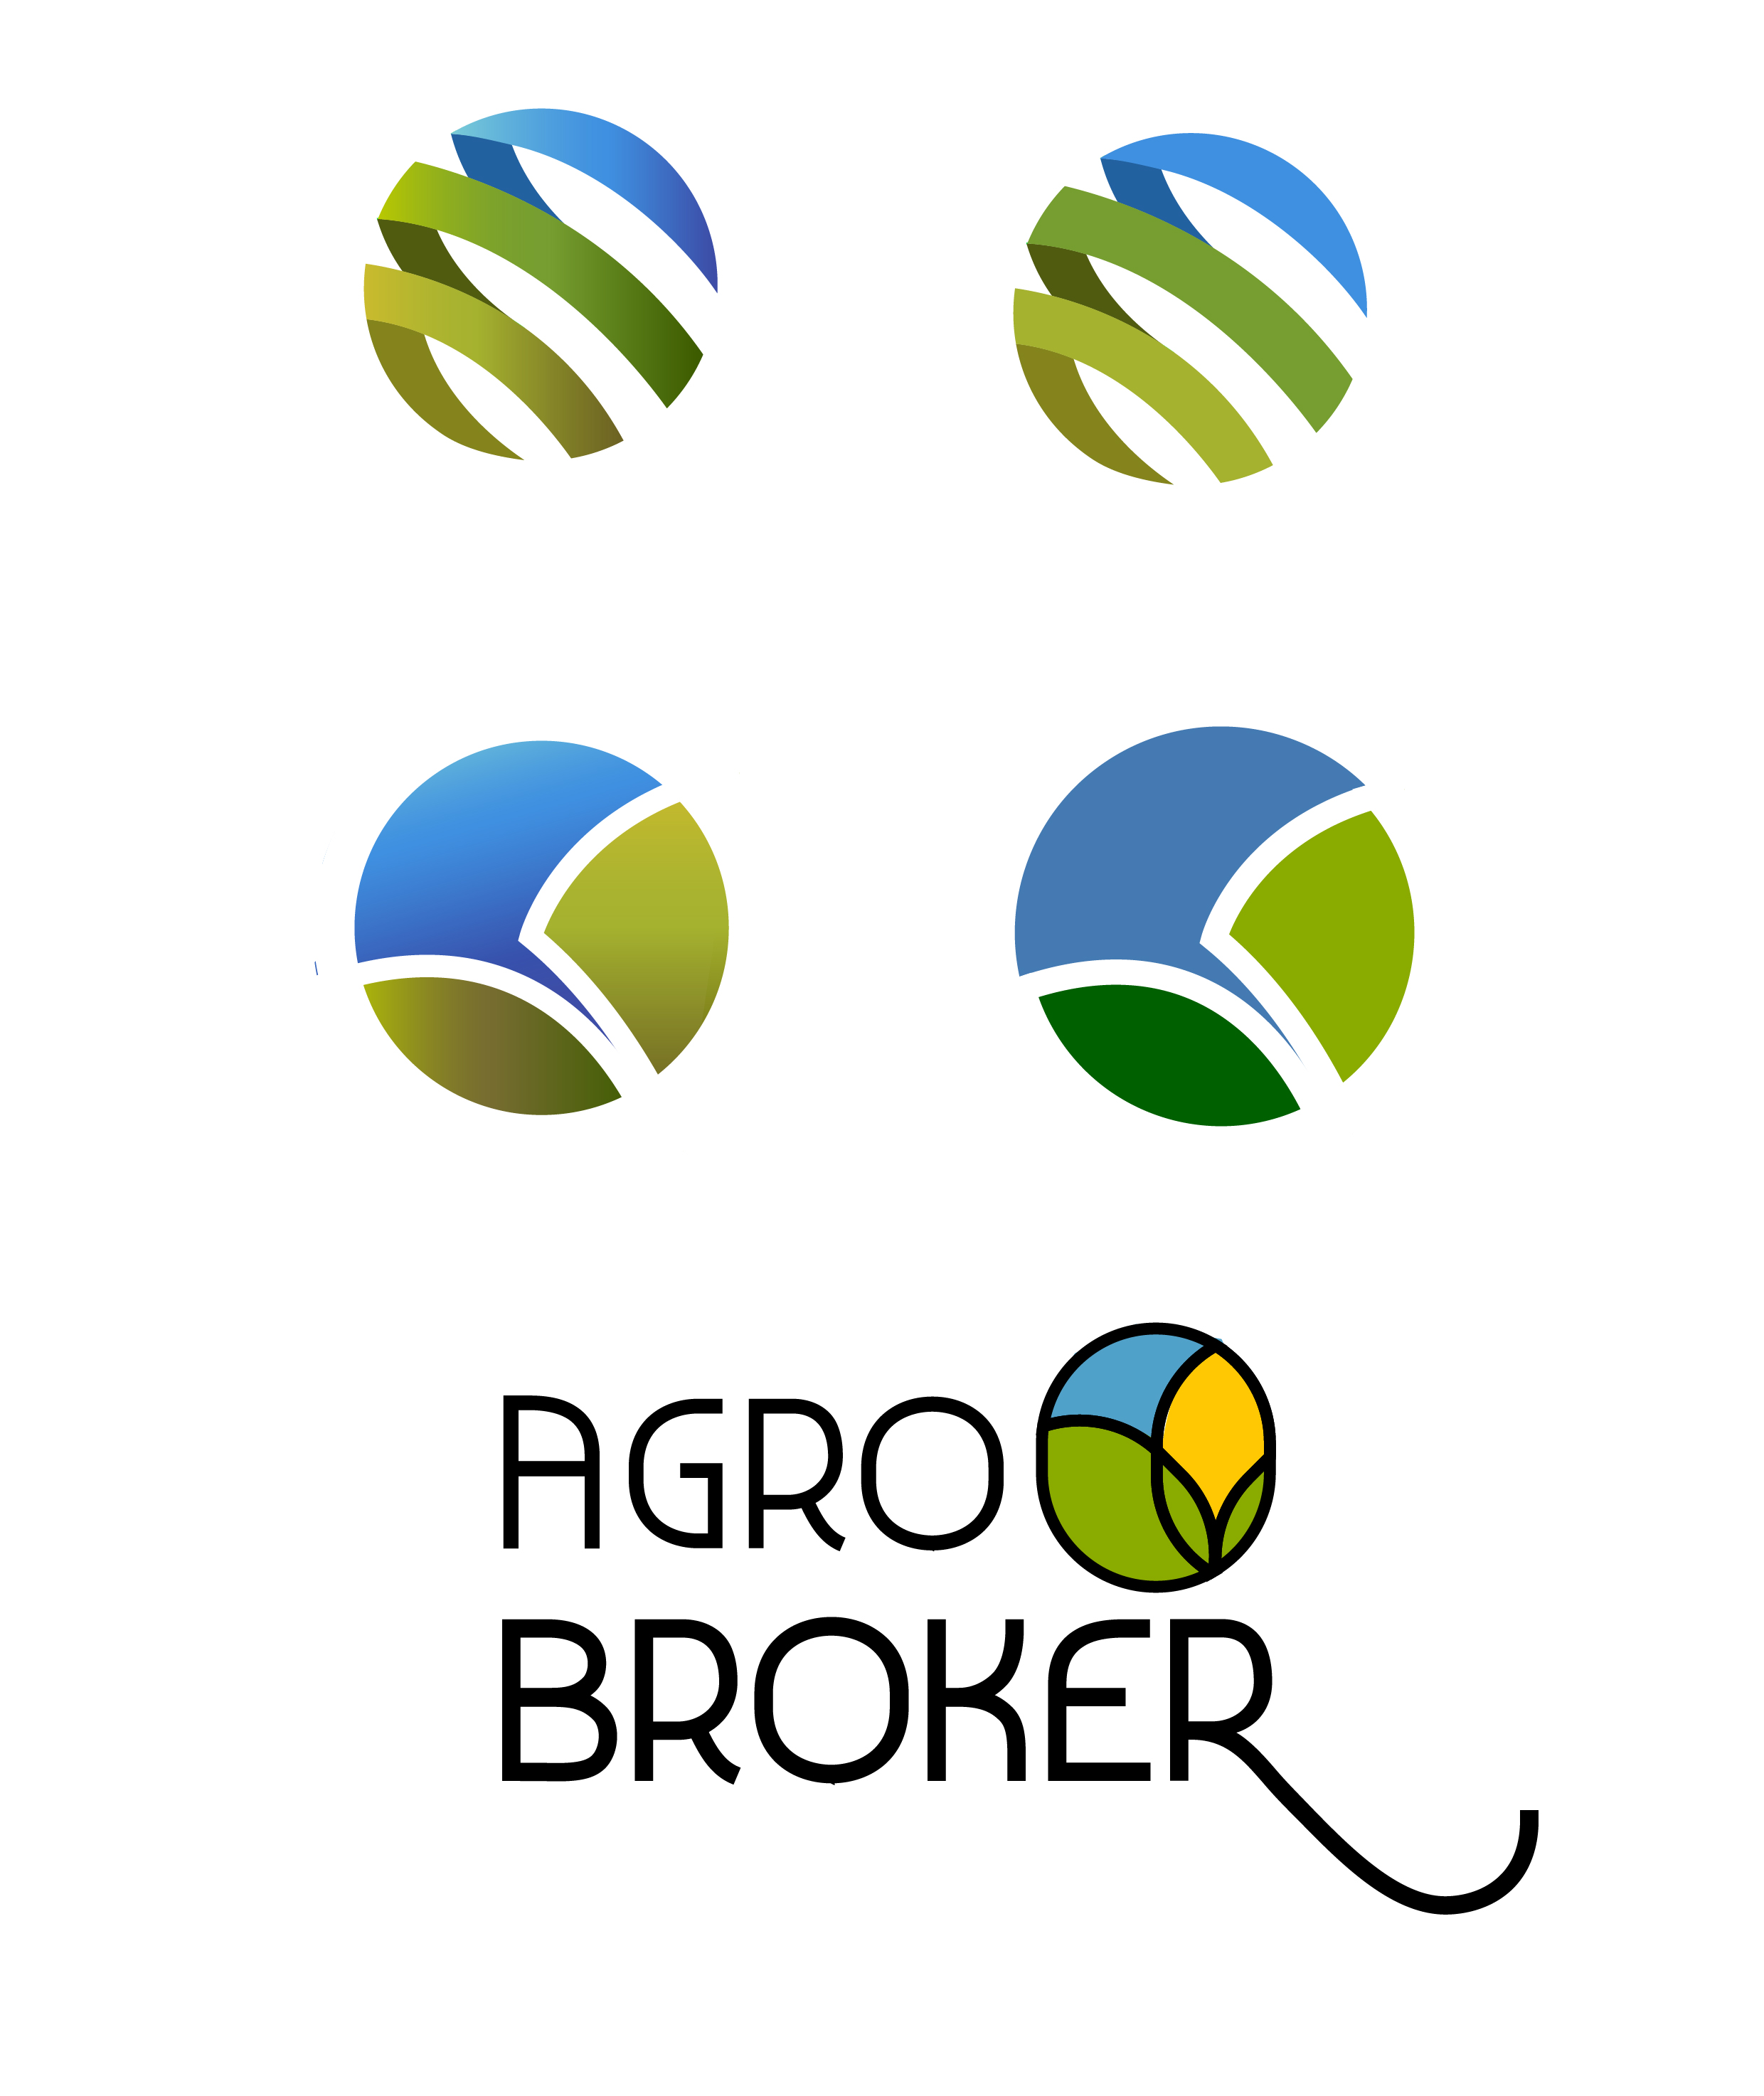 ТЗ на разработку пакета айдентики Agro.Broker фото f_755596f2518668ee.jpg